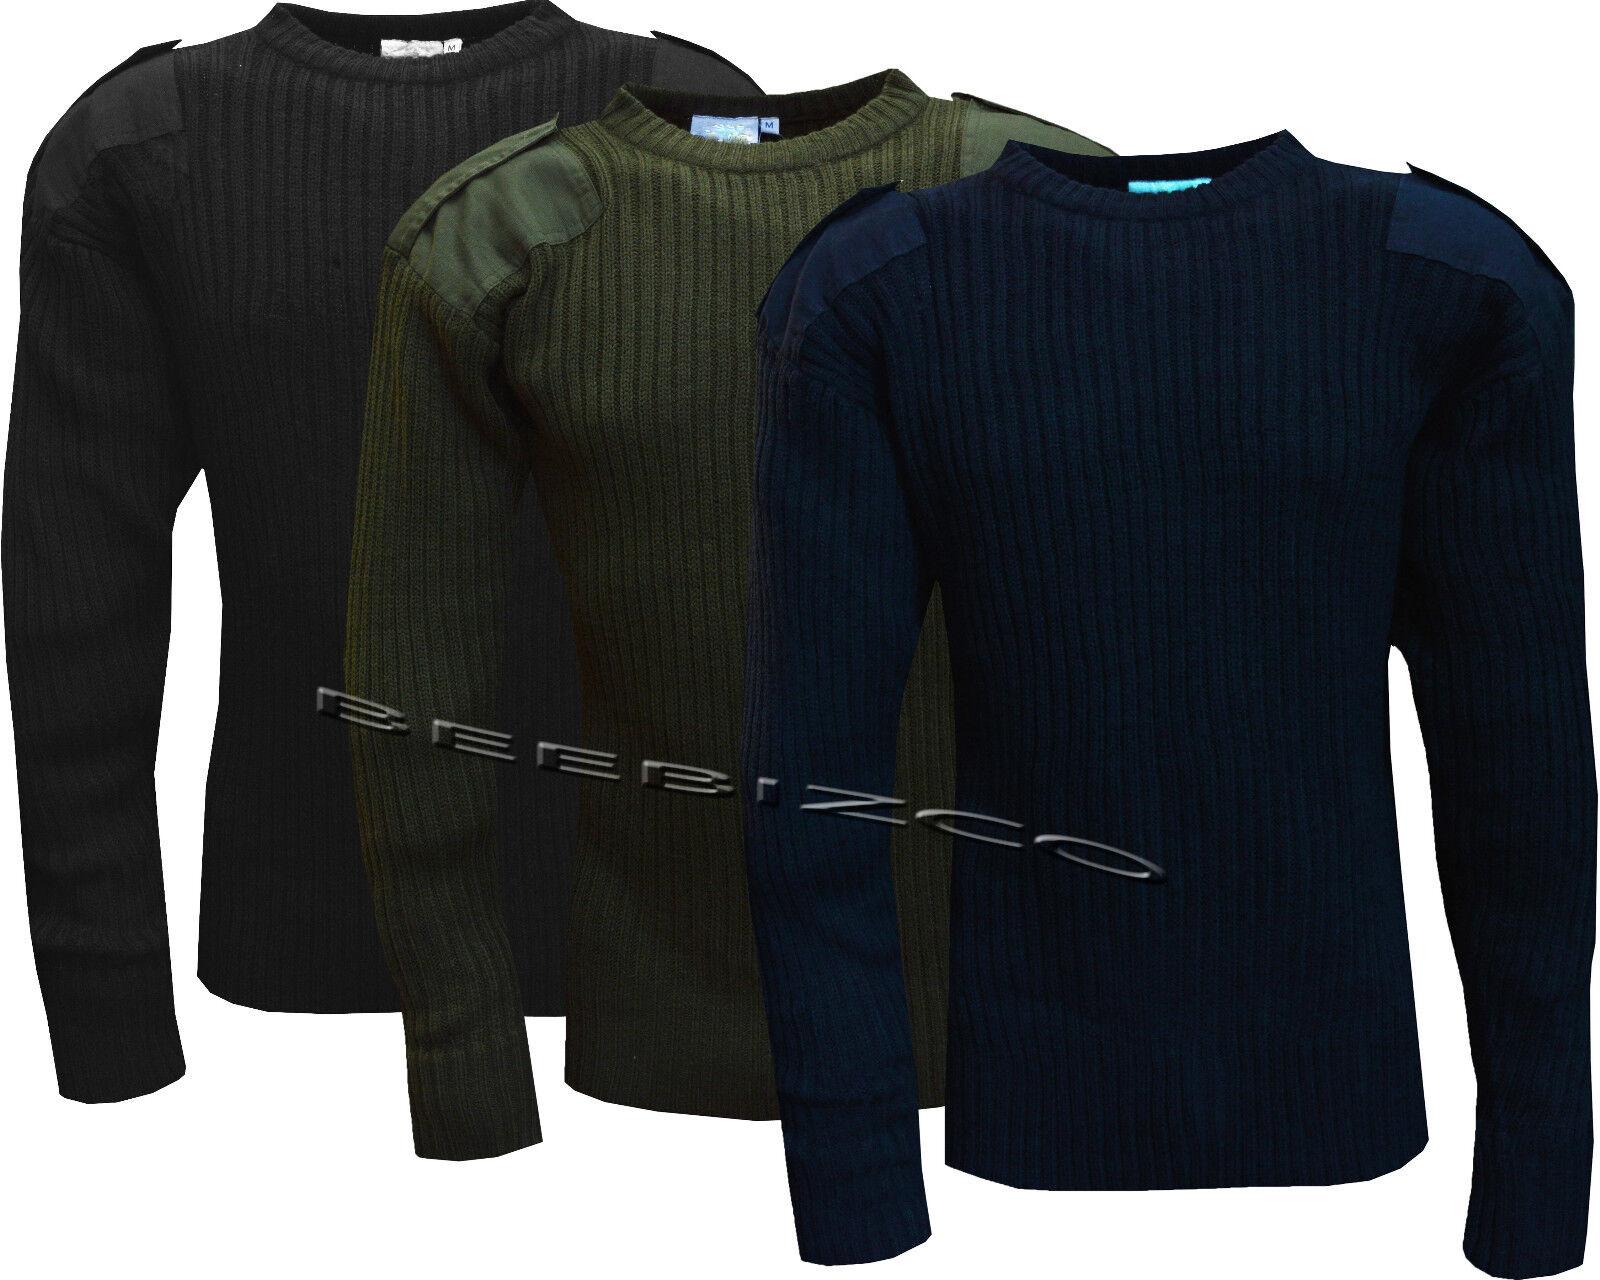 Nouveau Homme Portier Sécurité Armée Otan Militaire Combat Pull Tricot Pullover OTAN Pull Combat a64b17